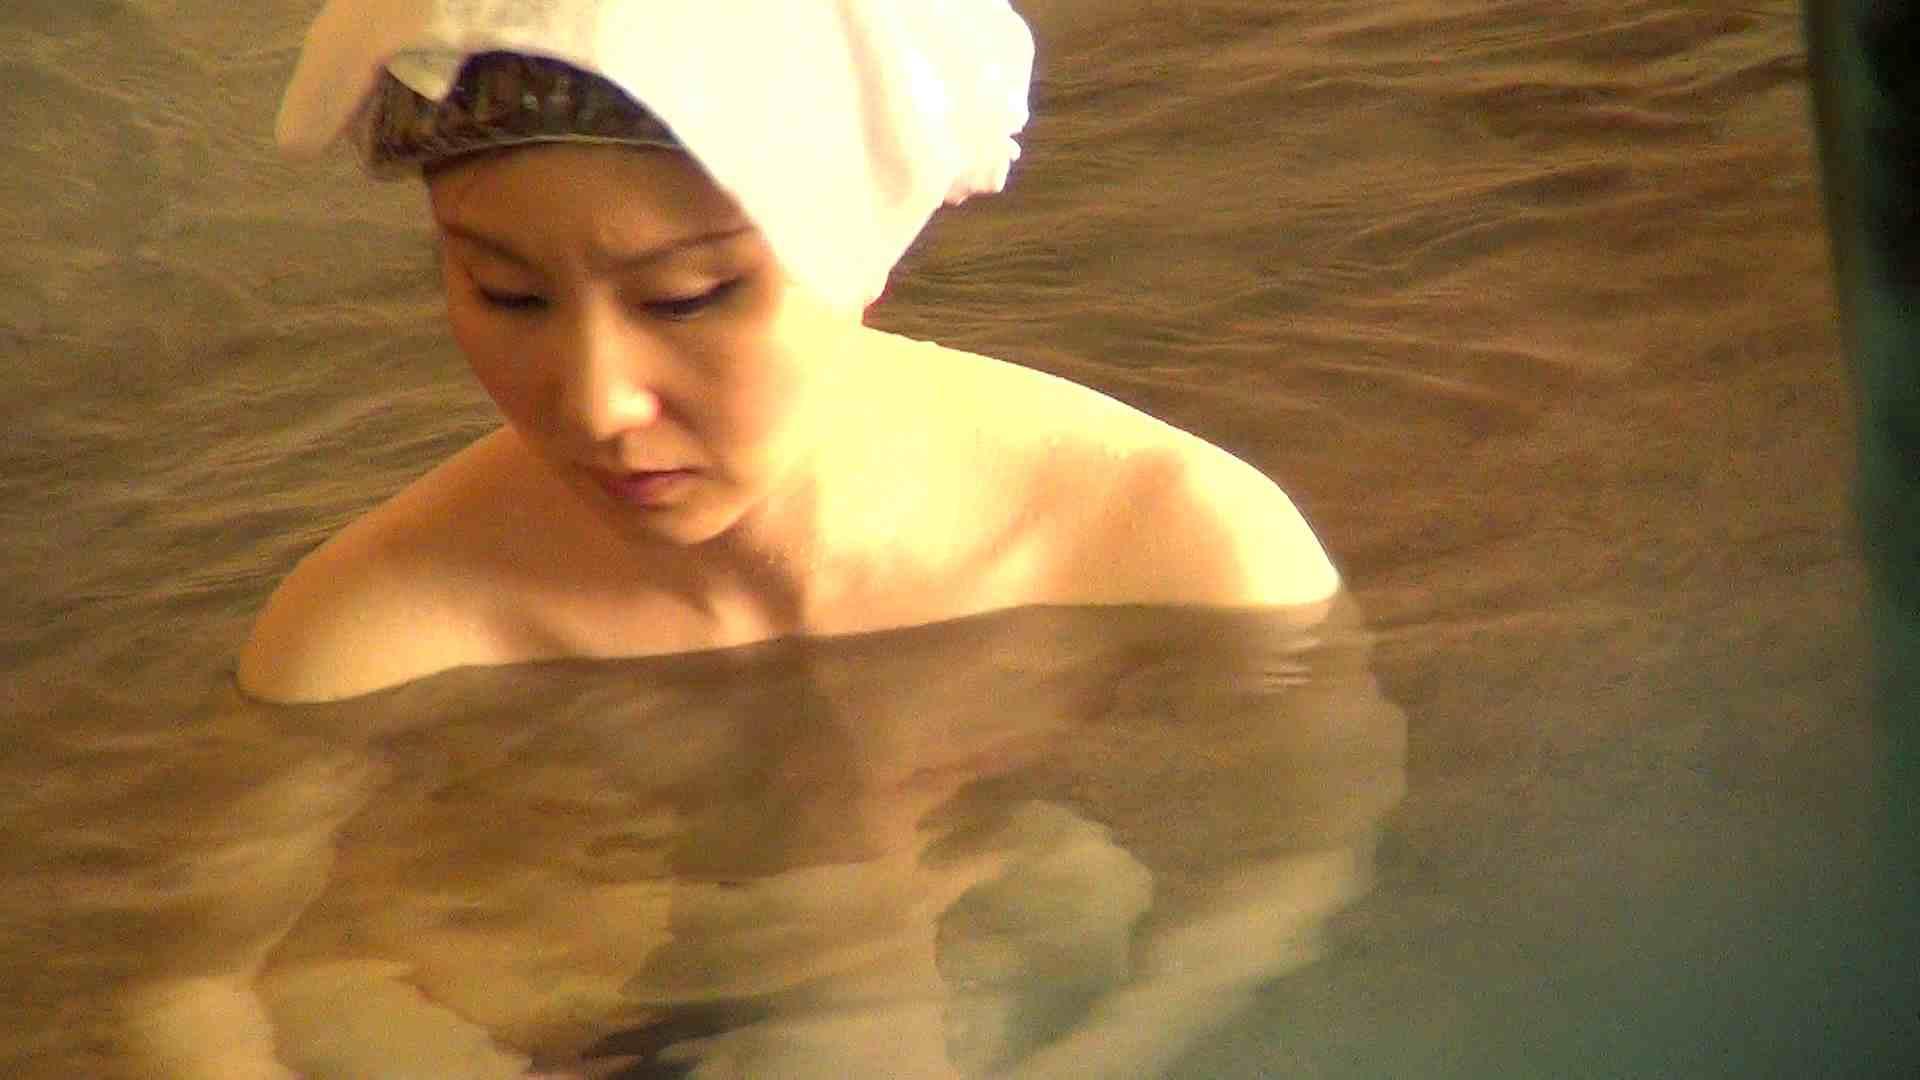 Aquaな露天風呂Vol.278 盗撮  100画像 63